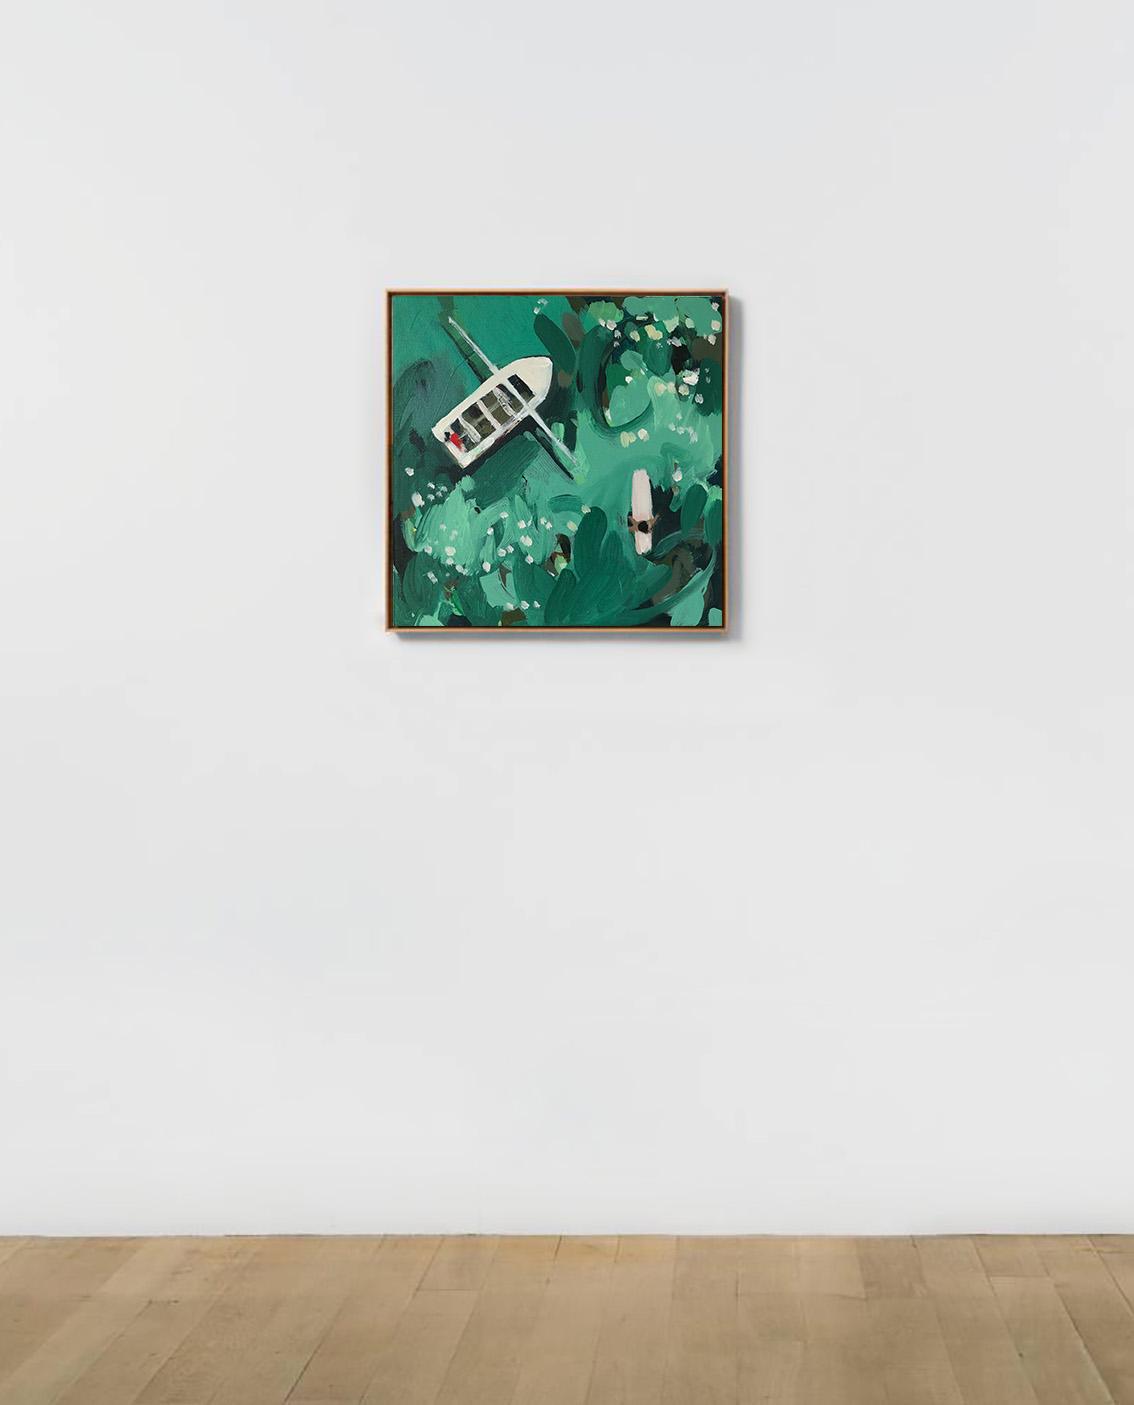 Sri Lanka Surf  Acrylic on canvas 30cm x 30cm  £500